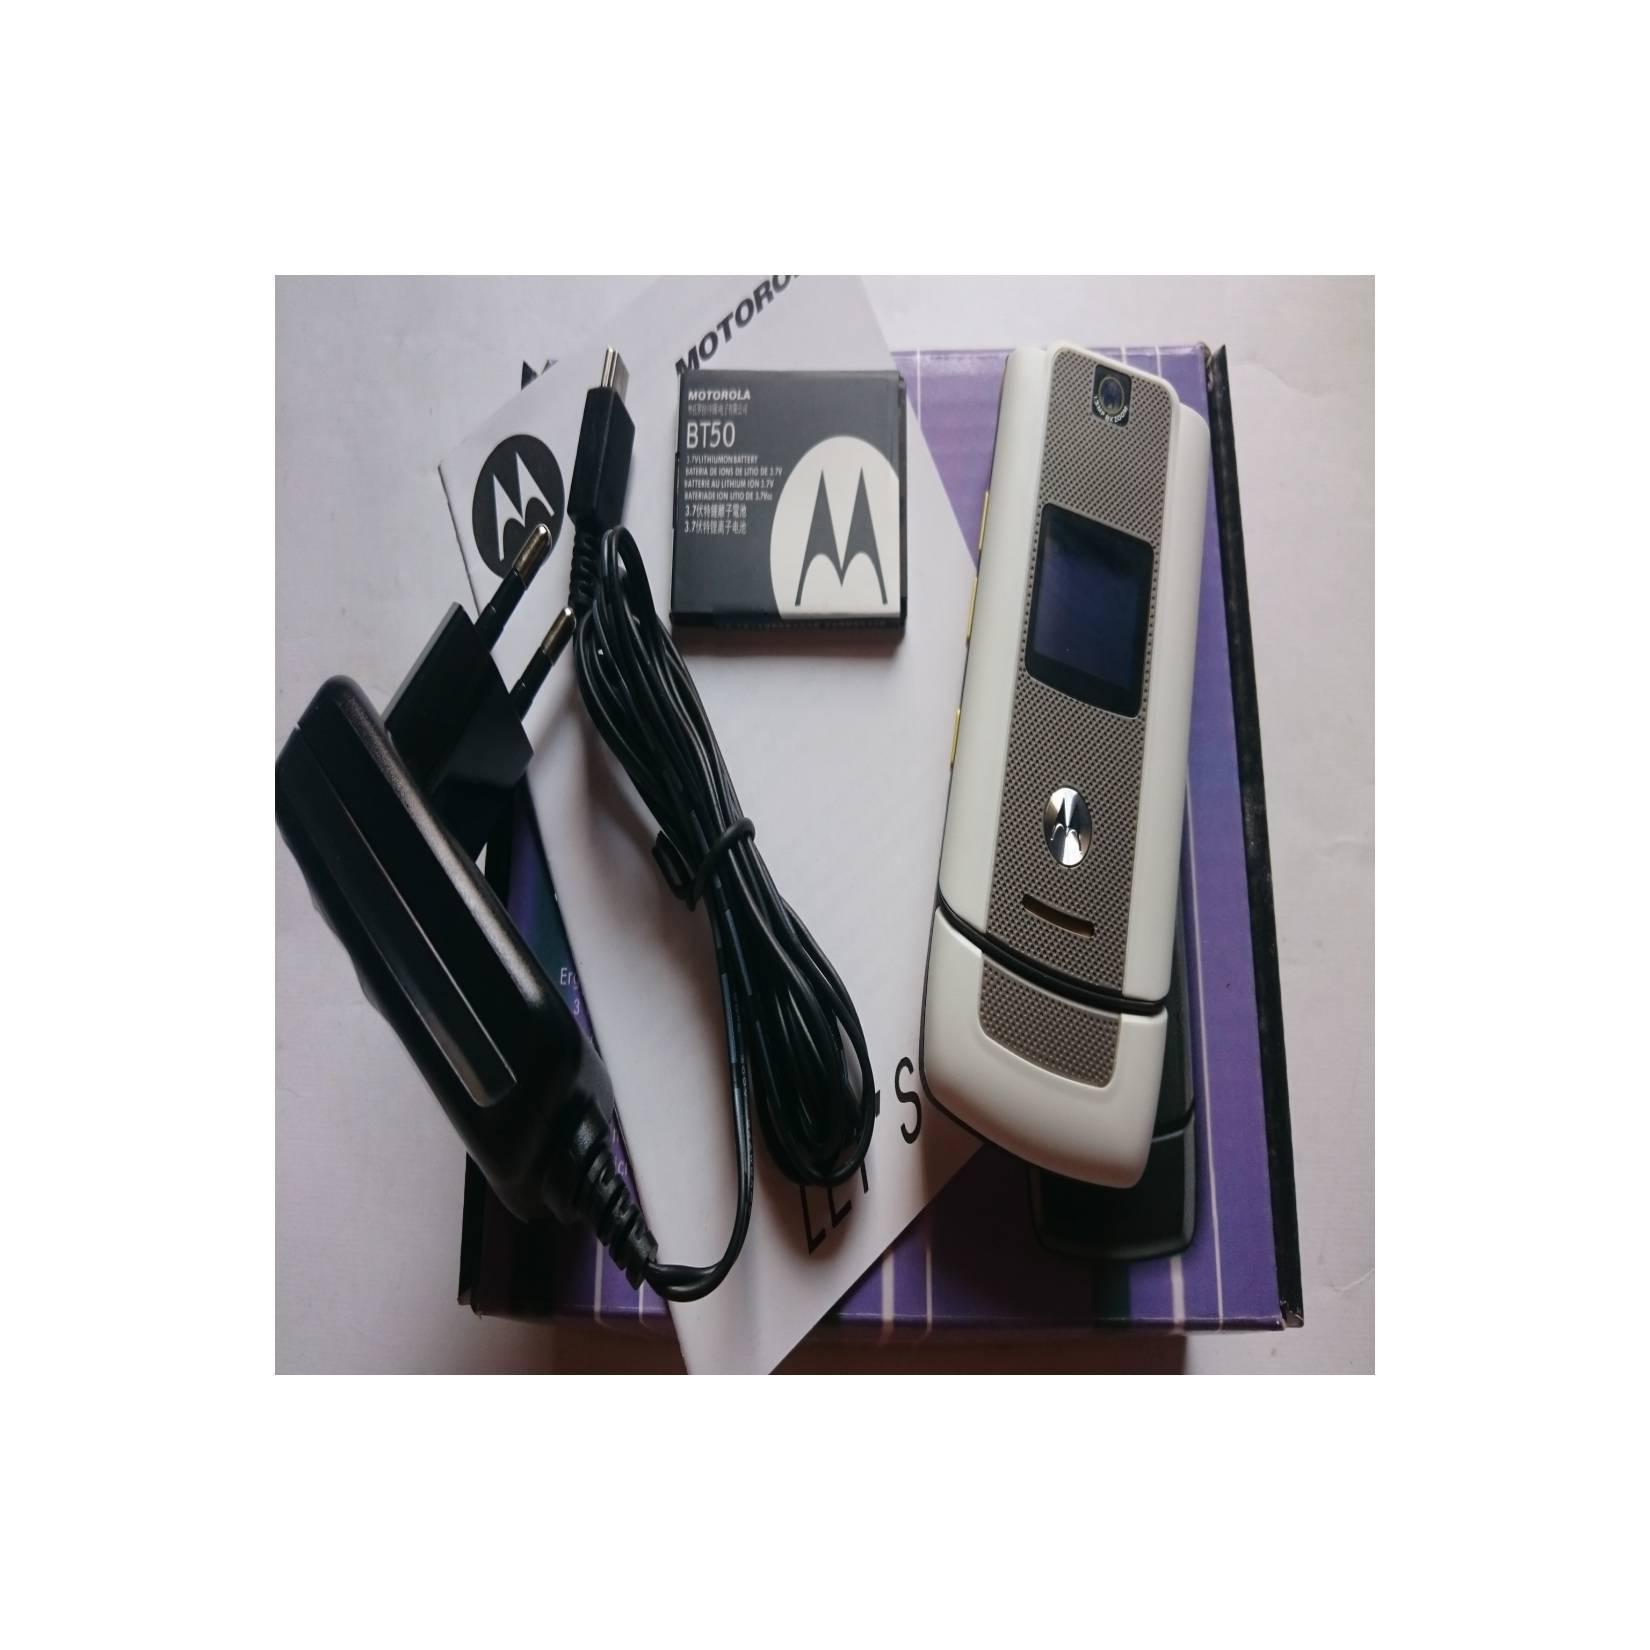 Motorola W510 Moto Flip Putih - Yellow Ferrari - HP Jadul Original